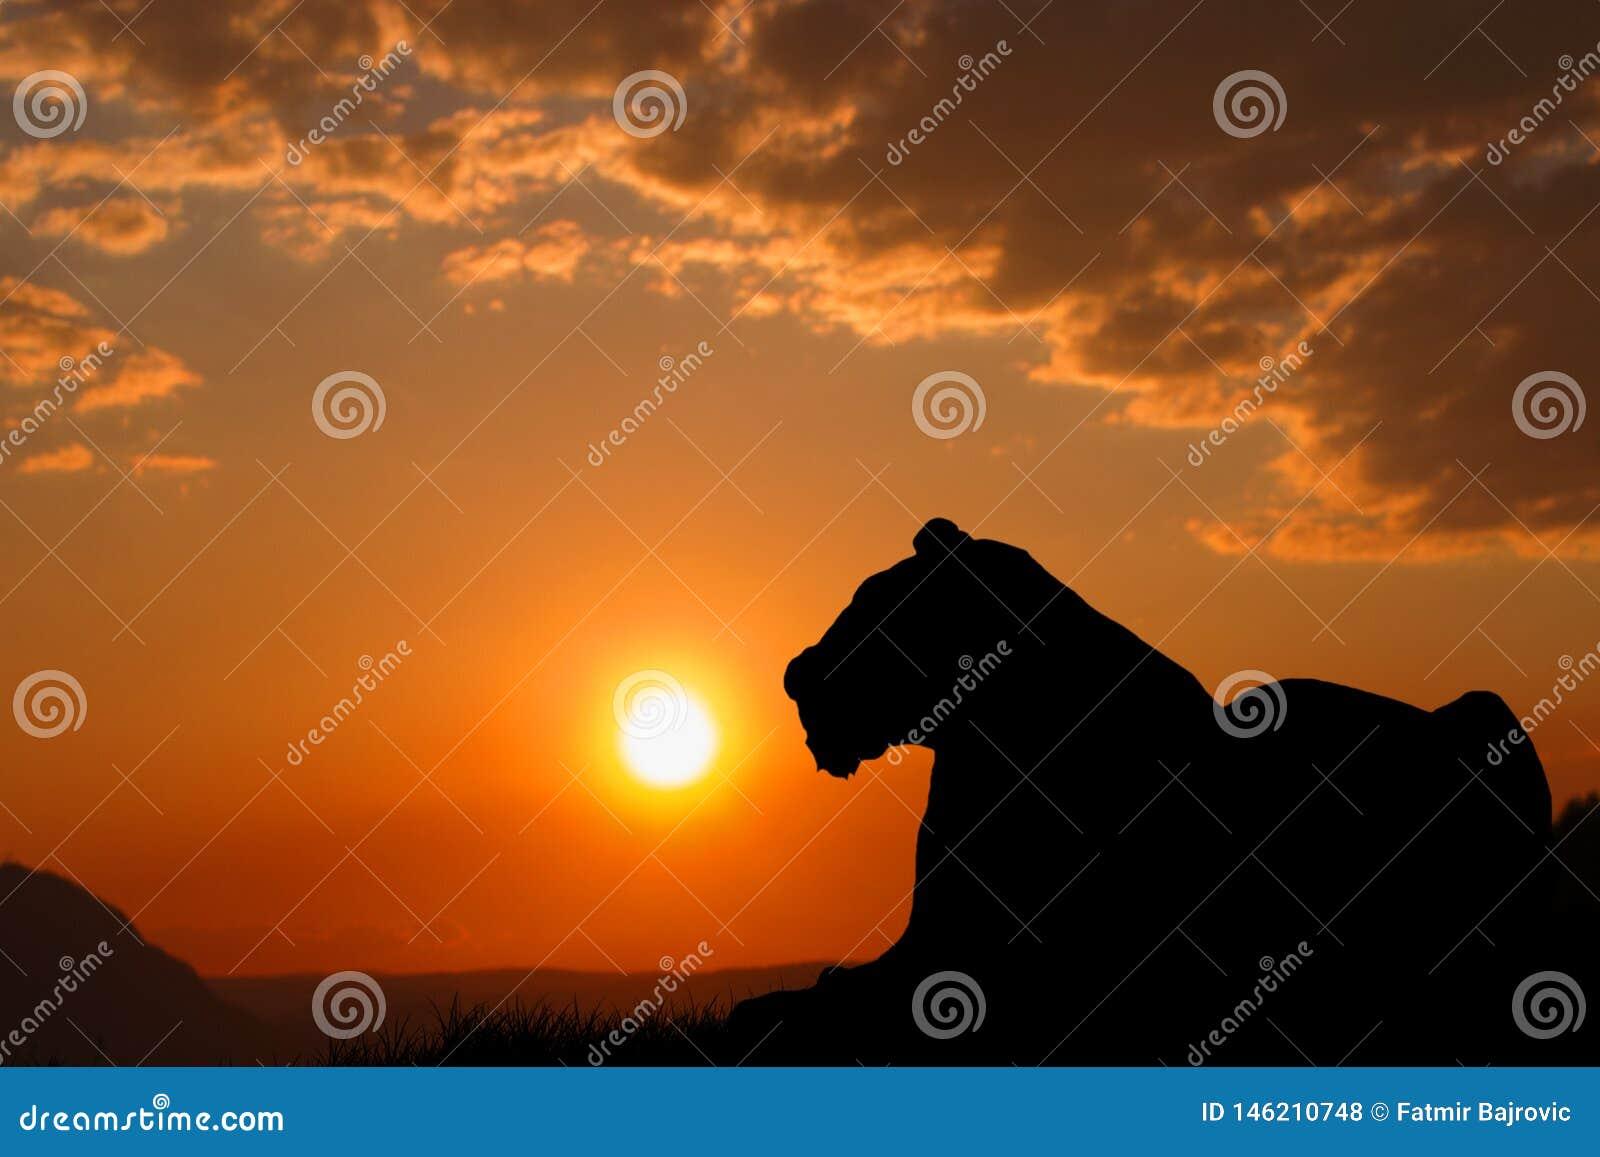 E r Sch?ner Sonnenuntergang und orange Himmel im Hintergrund